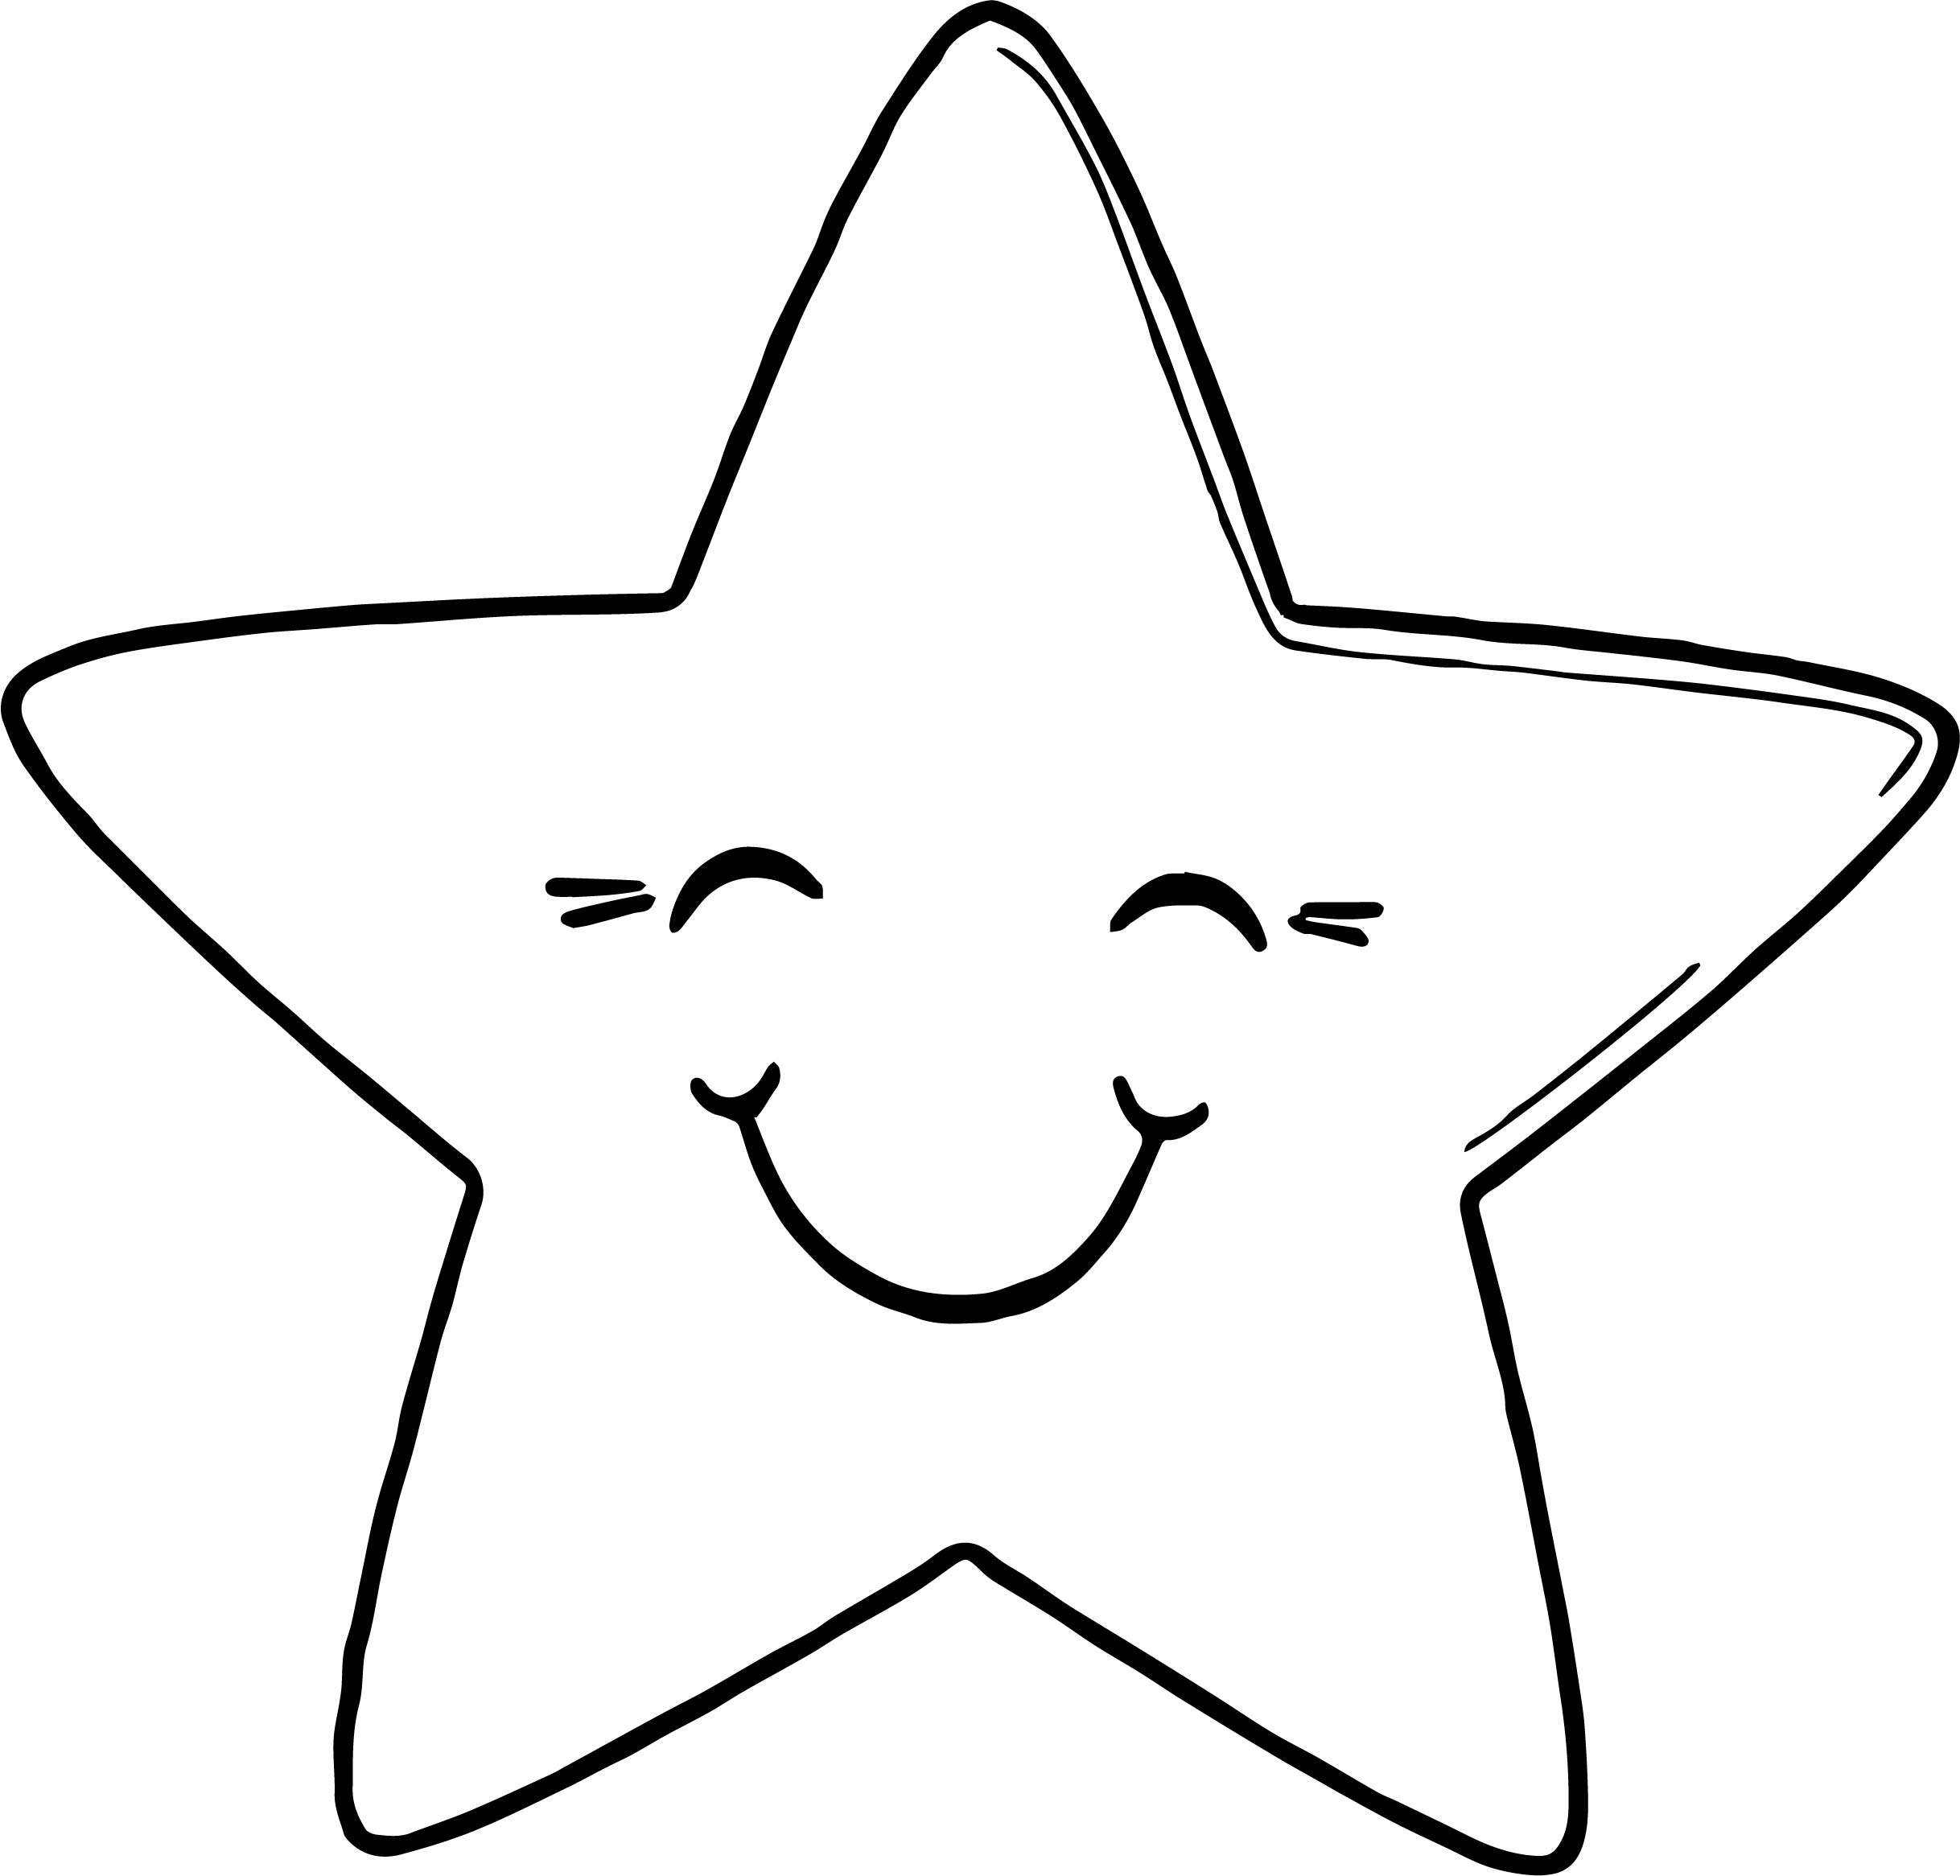 Tranh tô màu ngôi sao dễ thương